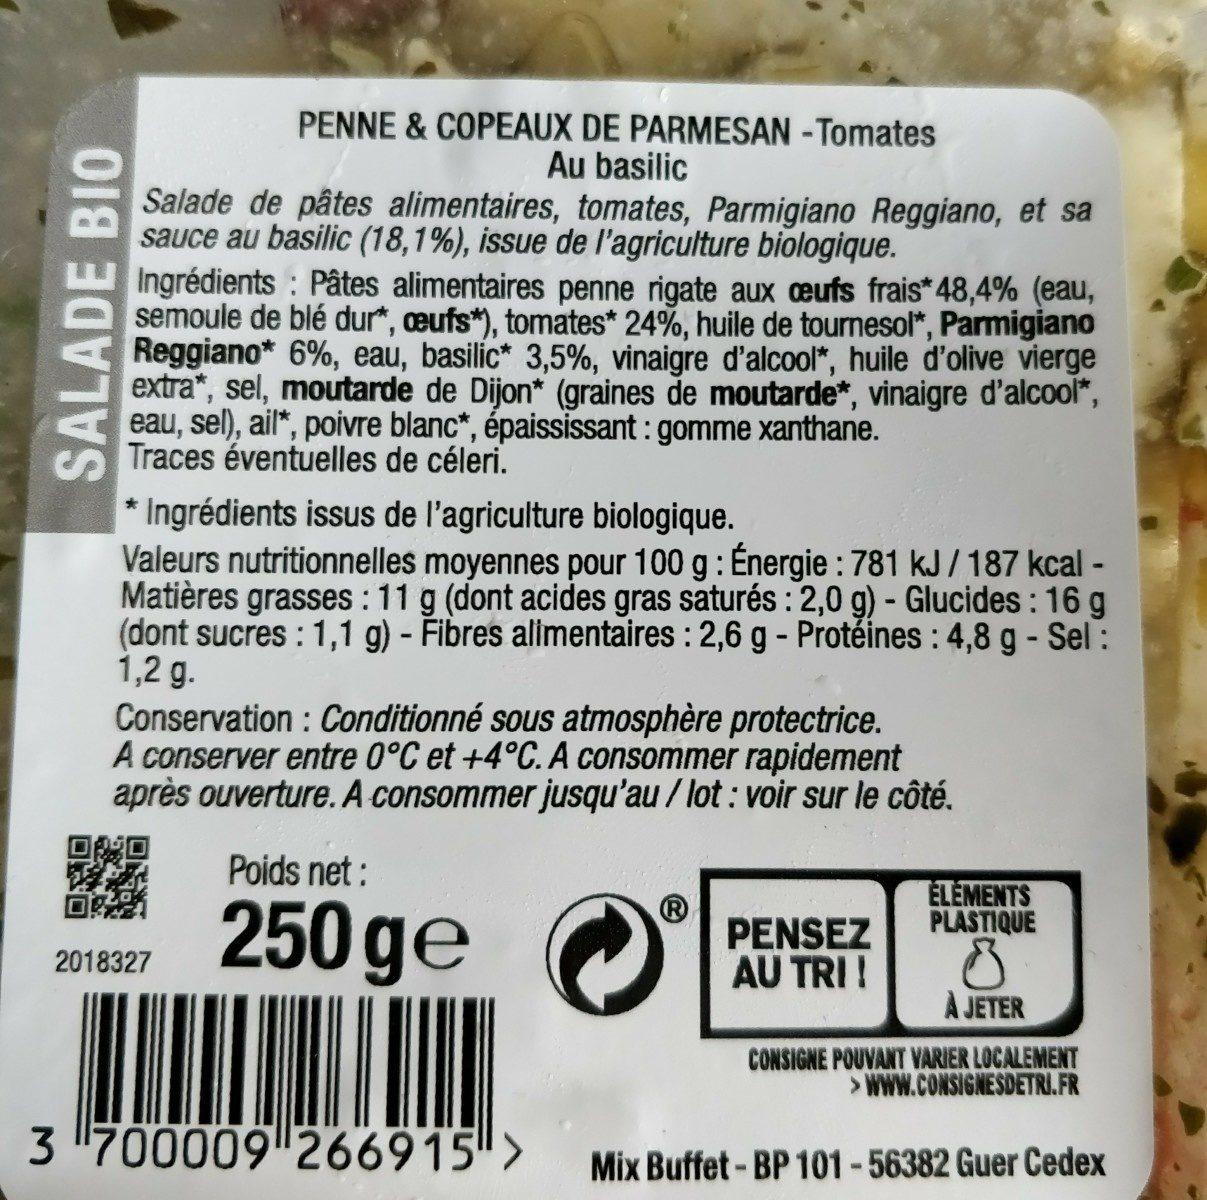 Penne et copeaux de parmesan - Ingrediënten